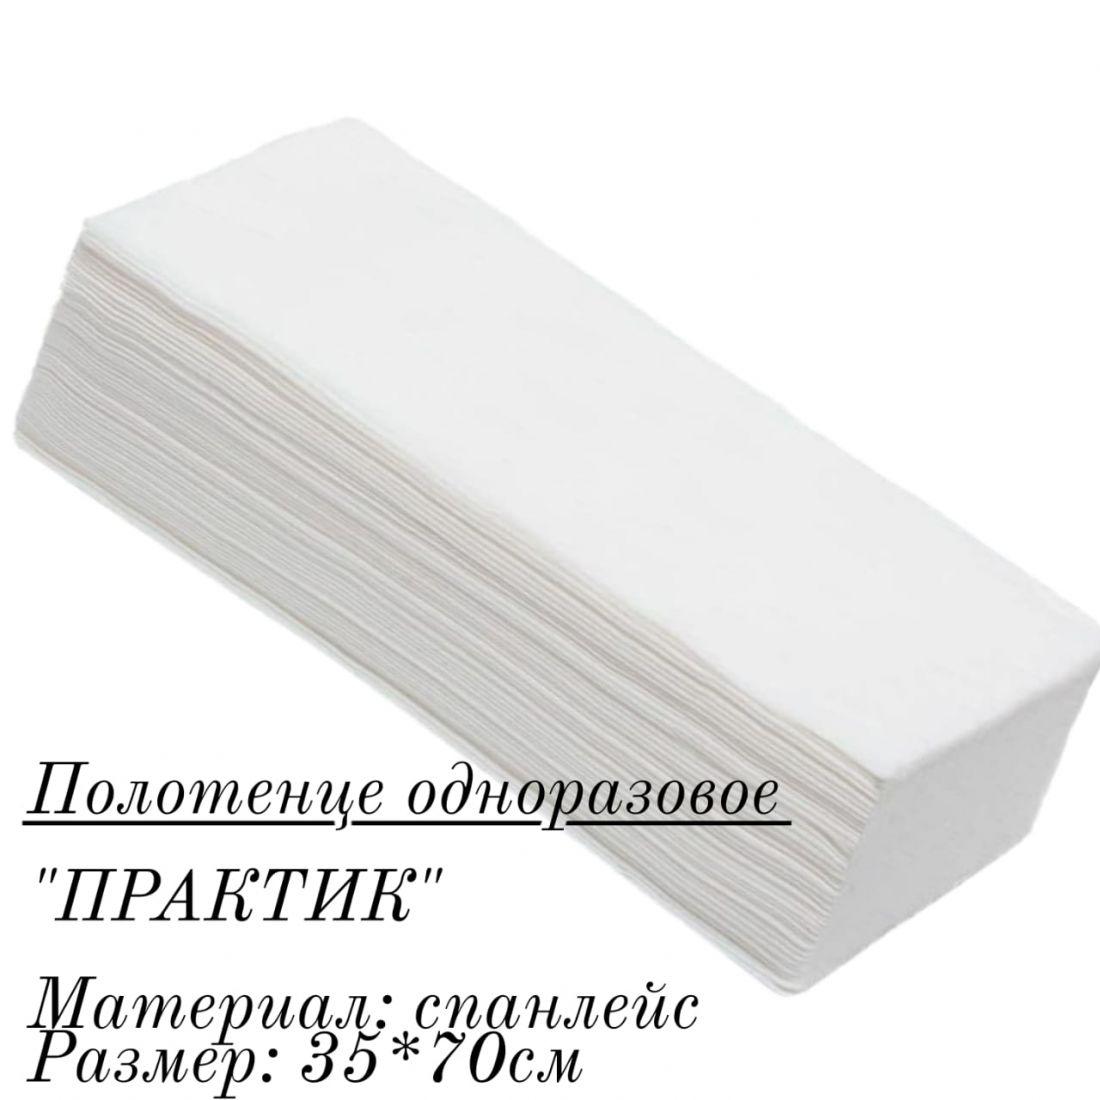 """Полотенца 35*70 Спанлейс """"Практик"""" non-stop 50шт"""